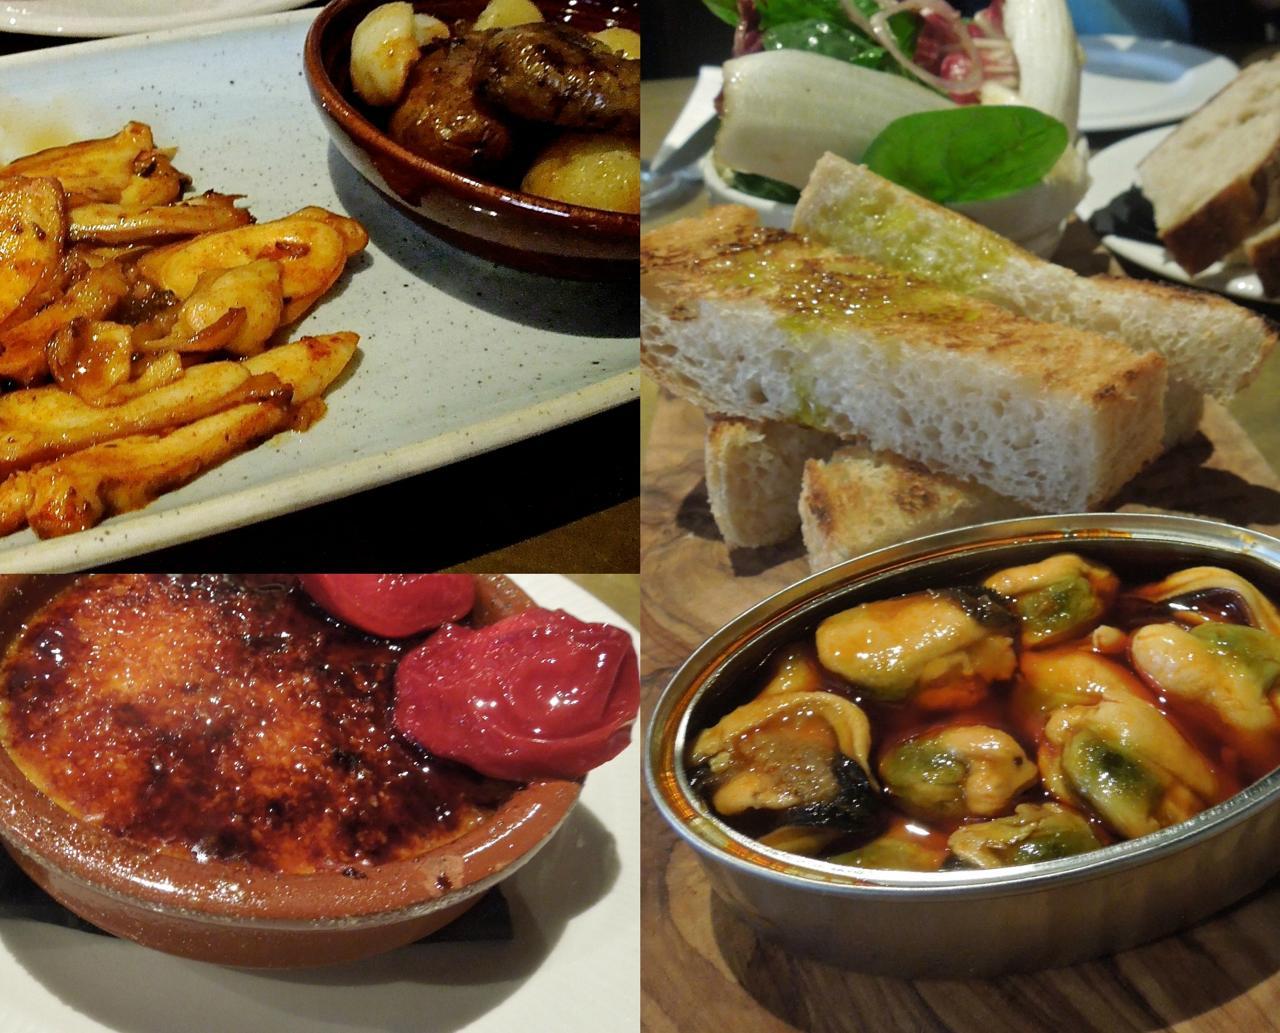 ムール貝を頼んだら、今流行りの自家製缶入りで、パンとサラダが添えられてきた左上はタコのグリル、ベイビー・ポテト添え、左下がTocino de Cielo